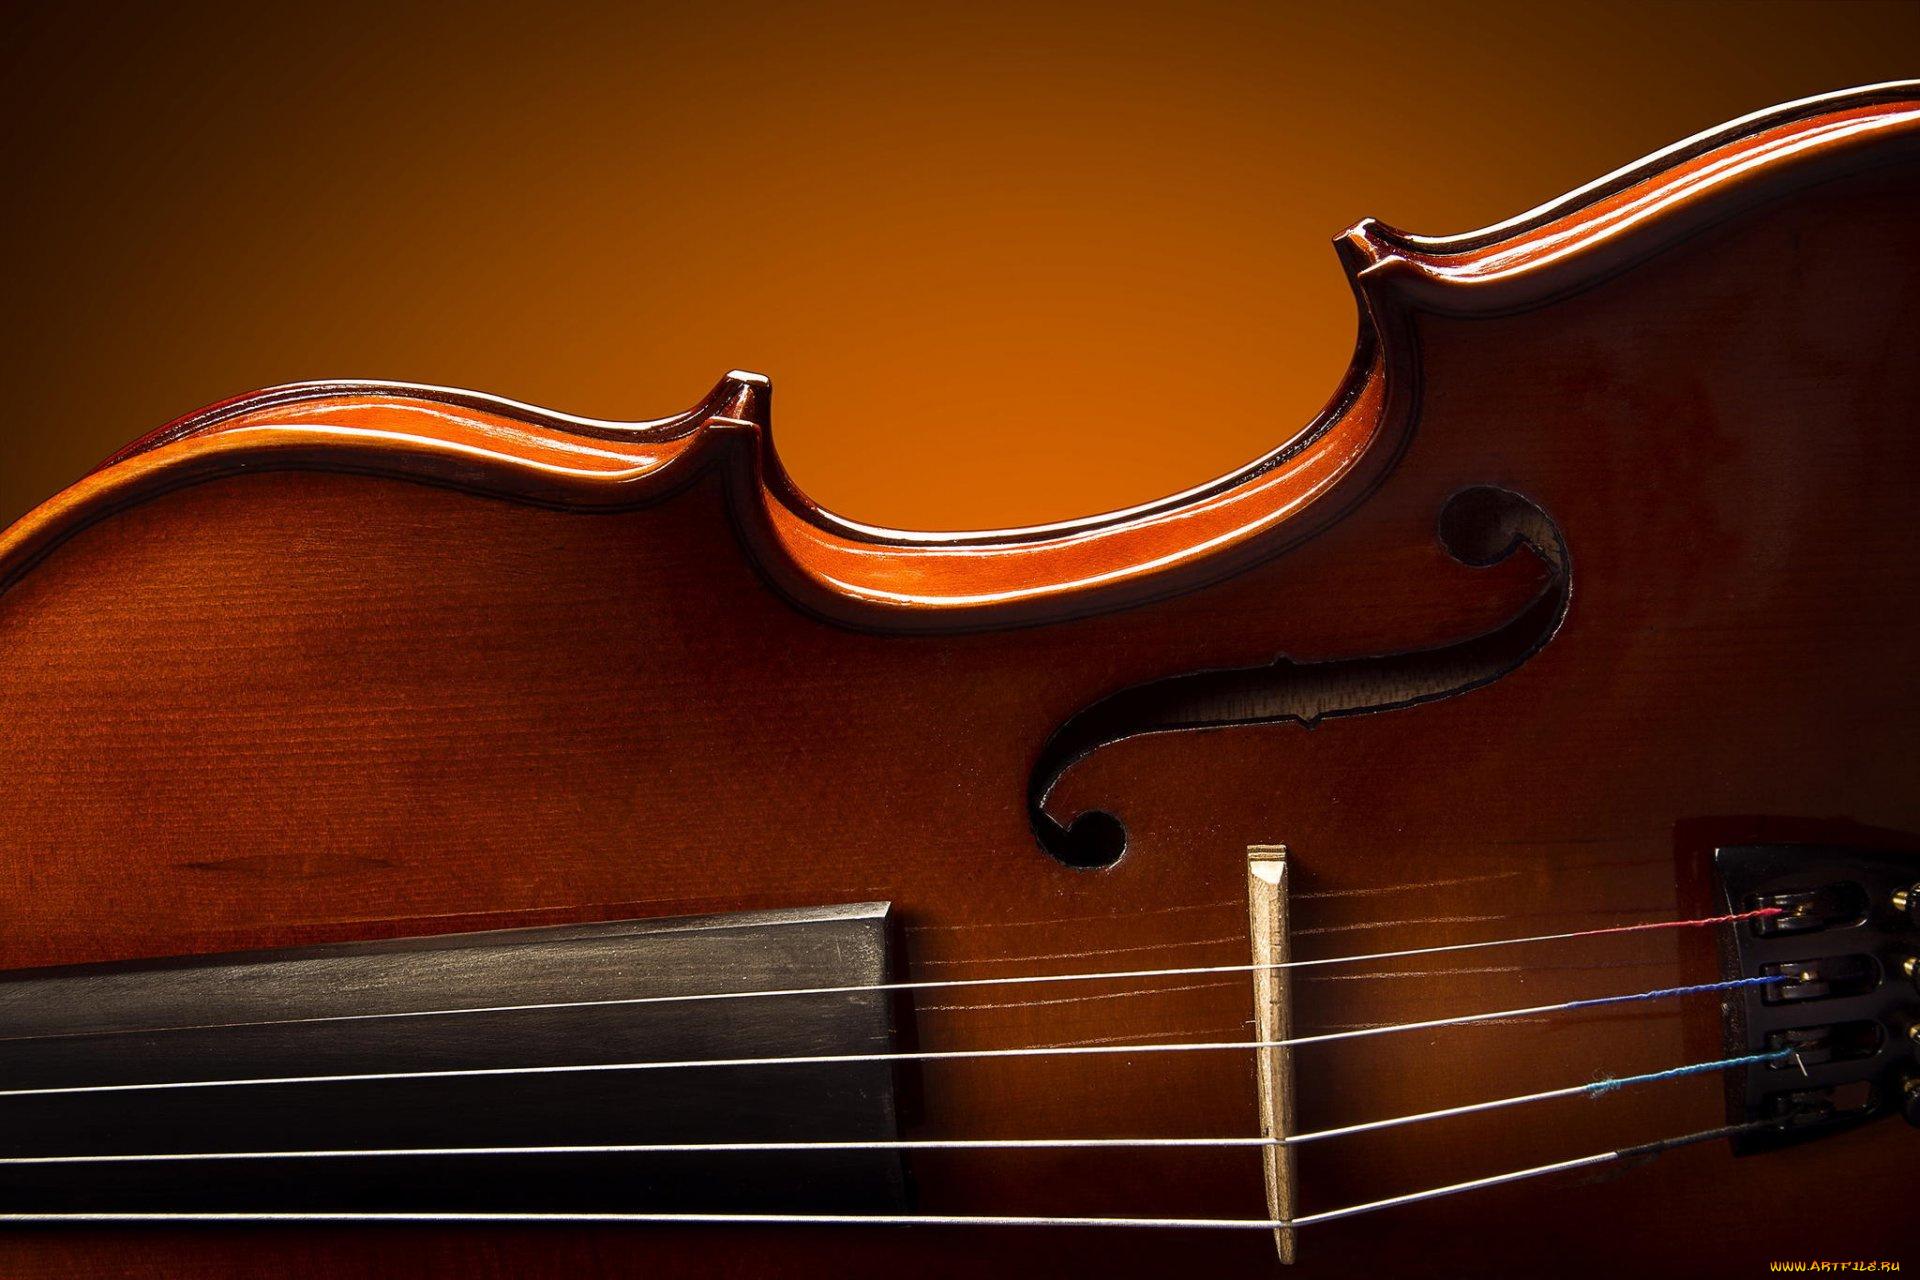 Картинка с муз инструментами